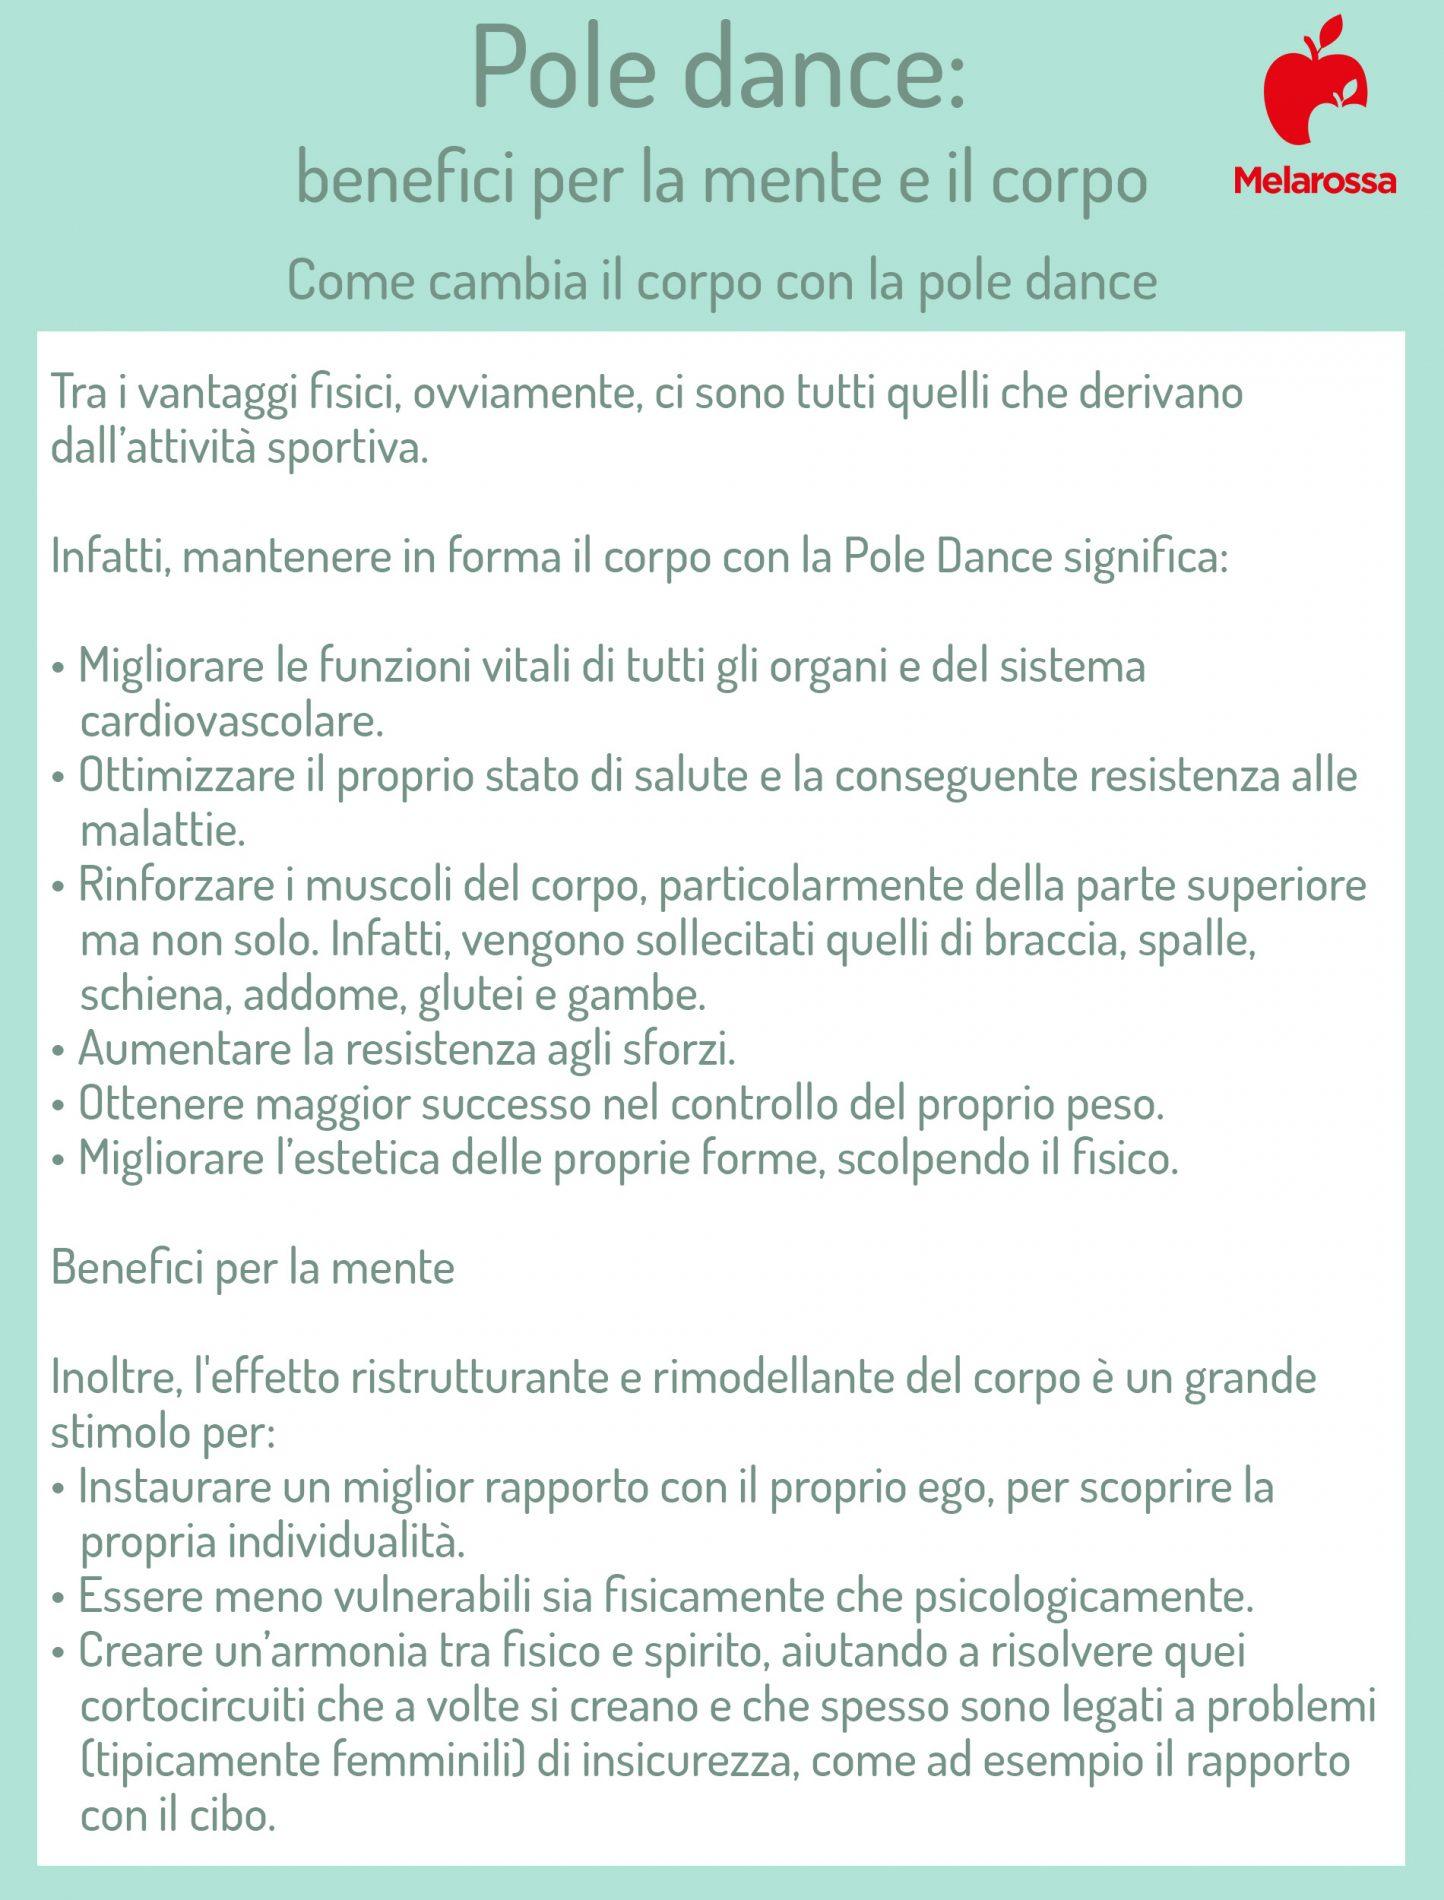 pole dance: benefici mentali e fisici